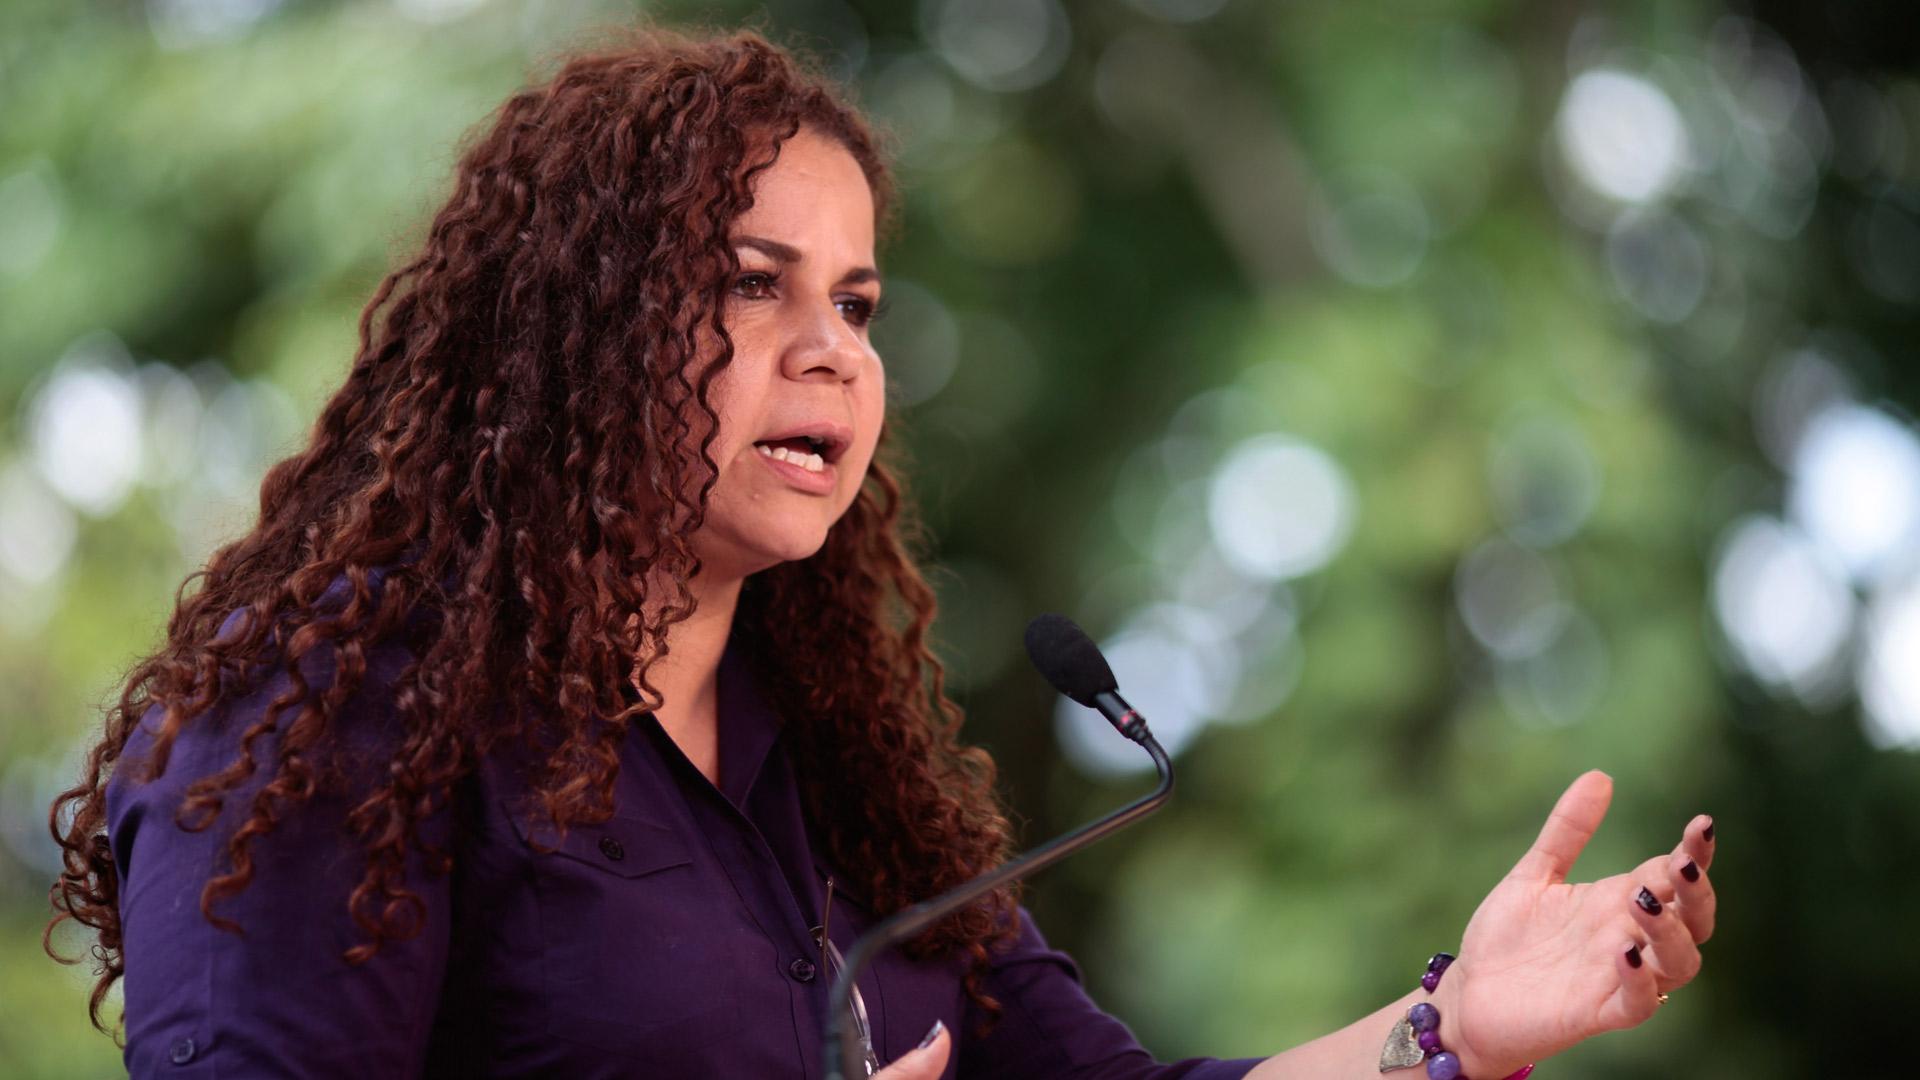 Doblellave-Varela retó a Panamá a publicar lista de venezolanos con bienes en el país